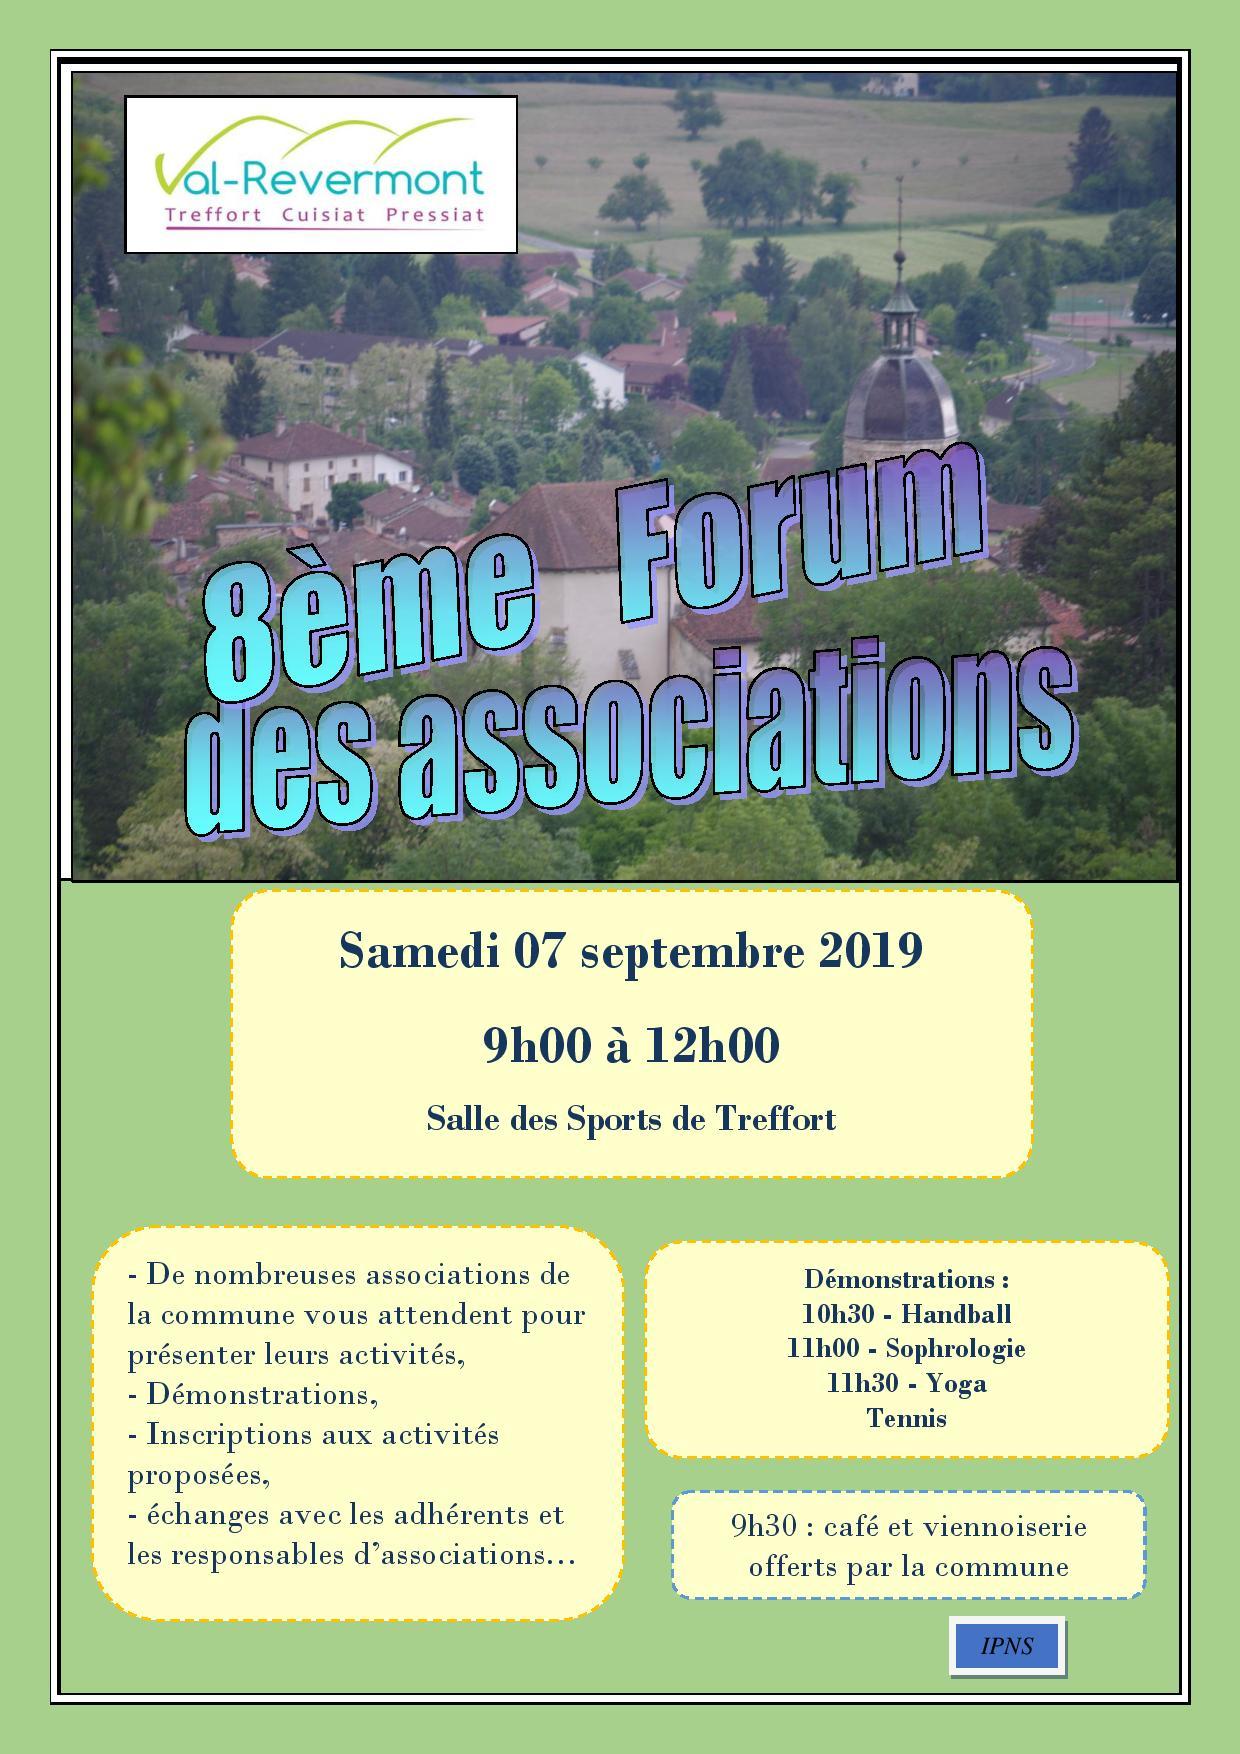 8ème Forum des associations, le samedi 07 septembre